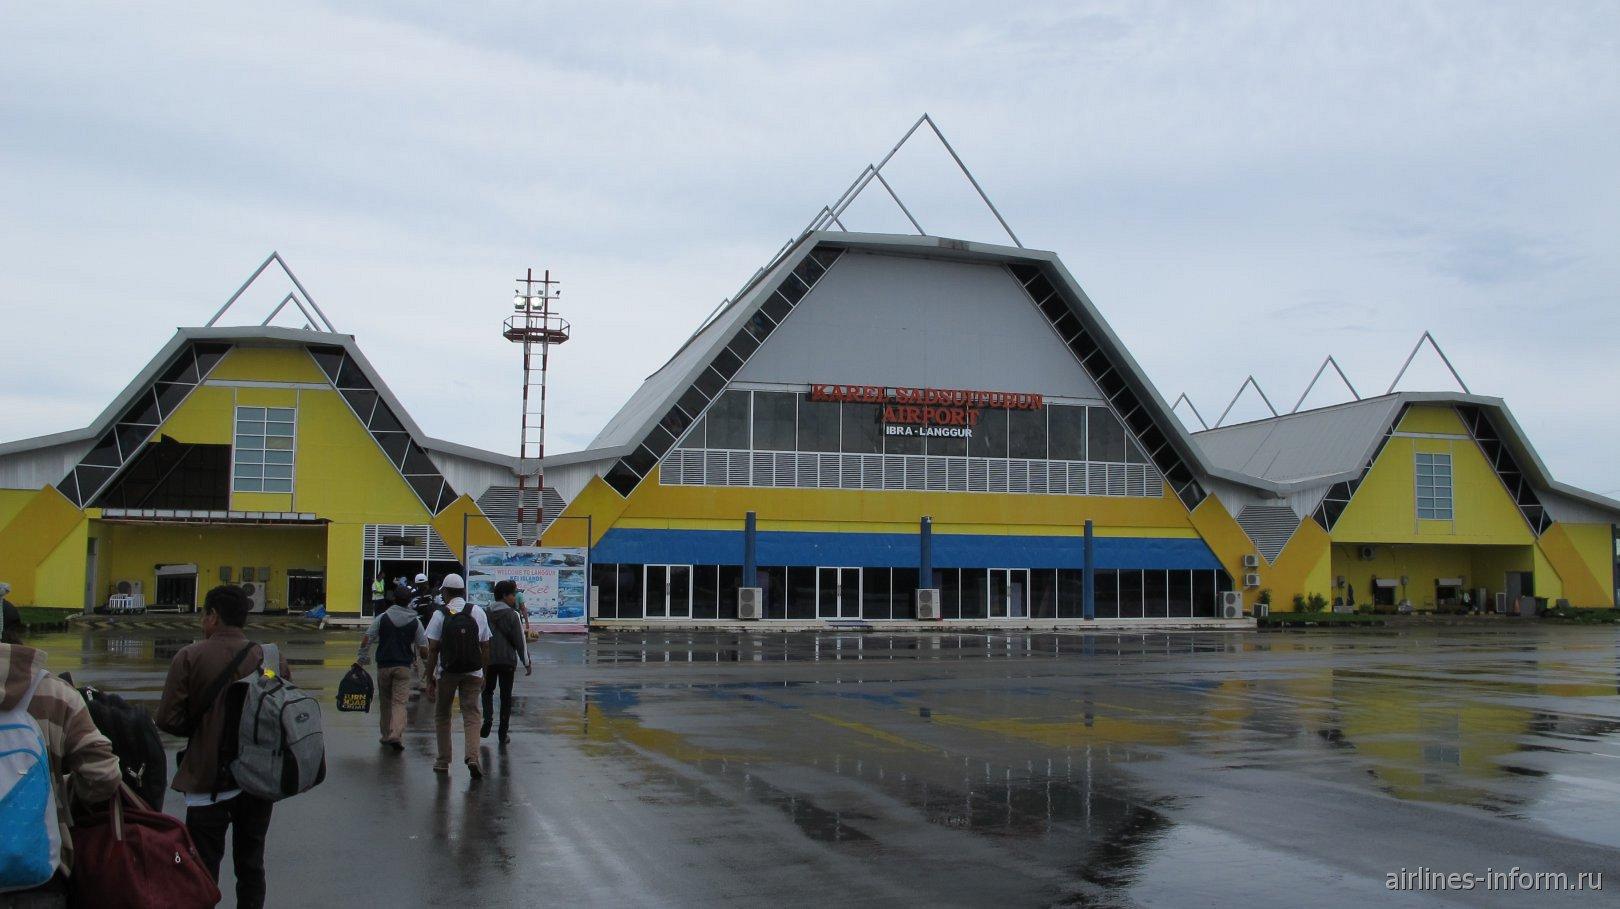 Вид с перрона на пассажирский терминал аэропорта Лангур